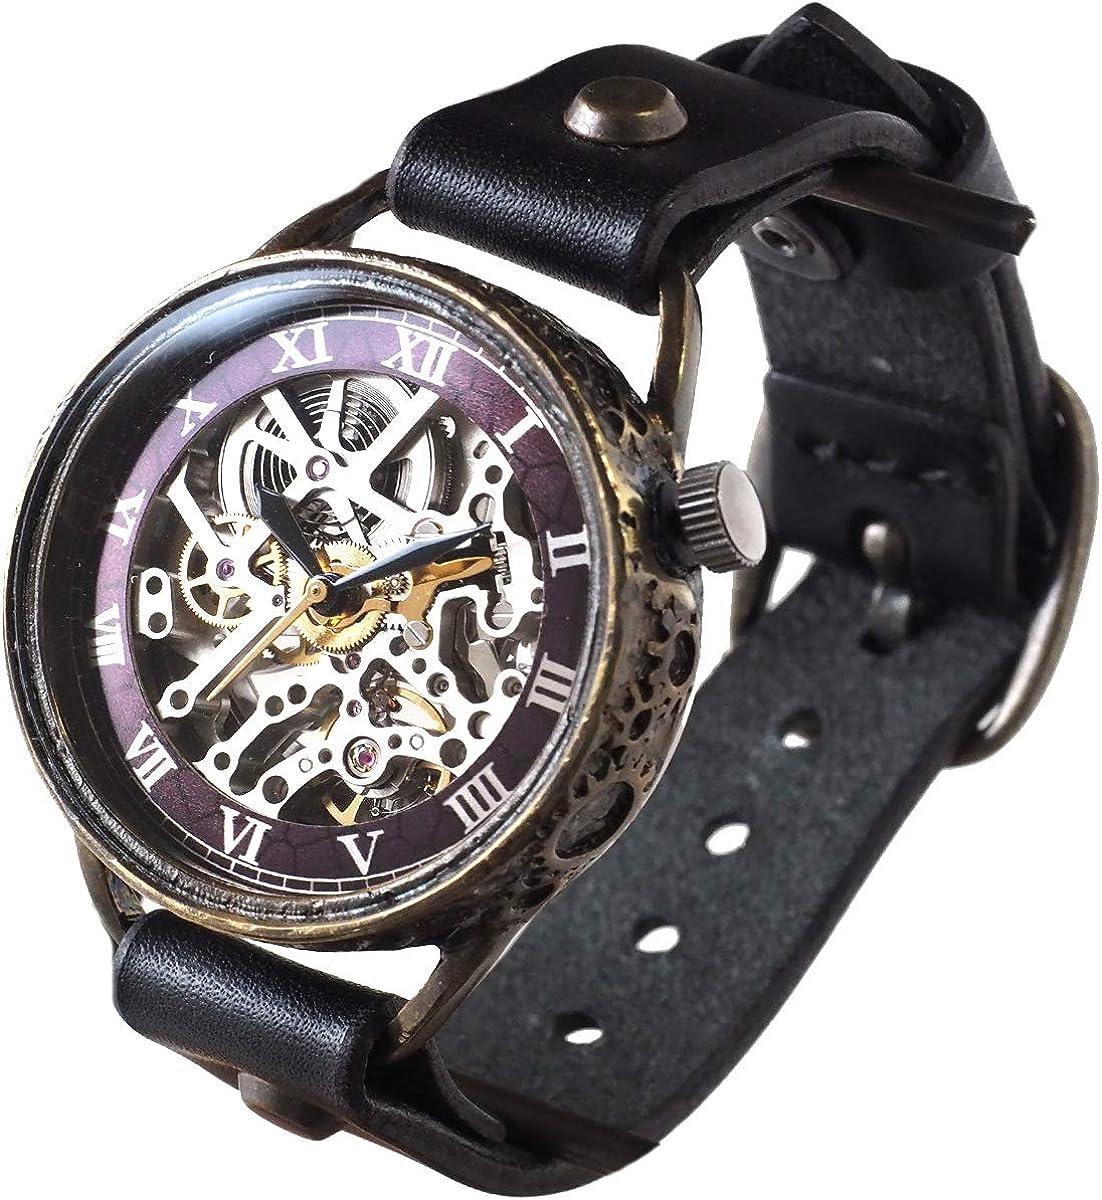 KINO(キノ) 手作り腕時計 自動巻き 裏スケルトン メカニックシルバー ブラック ハンドメイドウォッチ